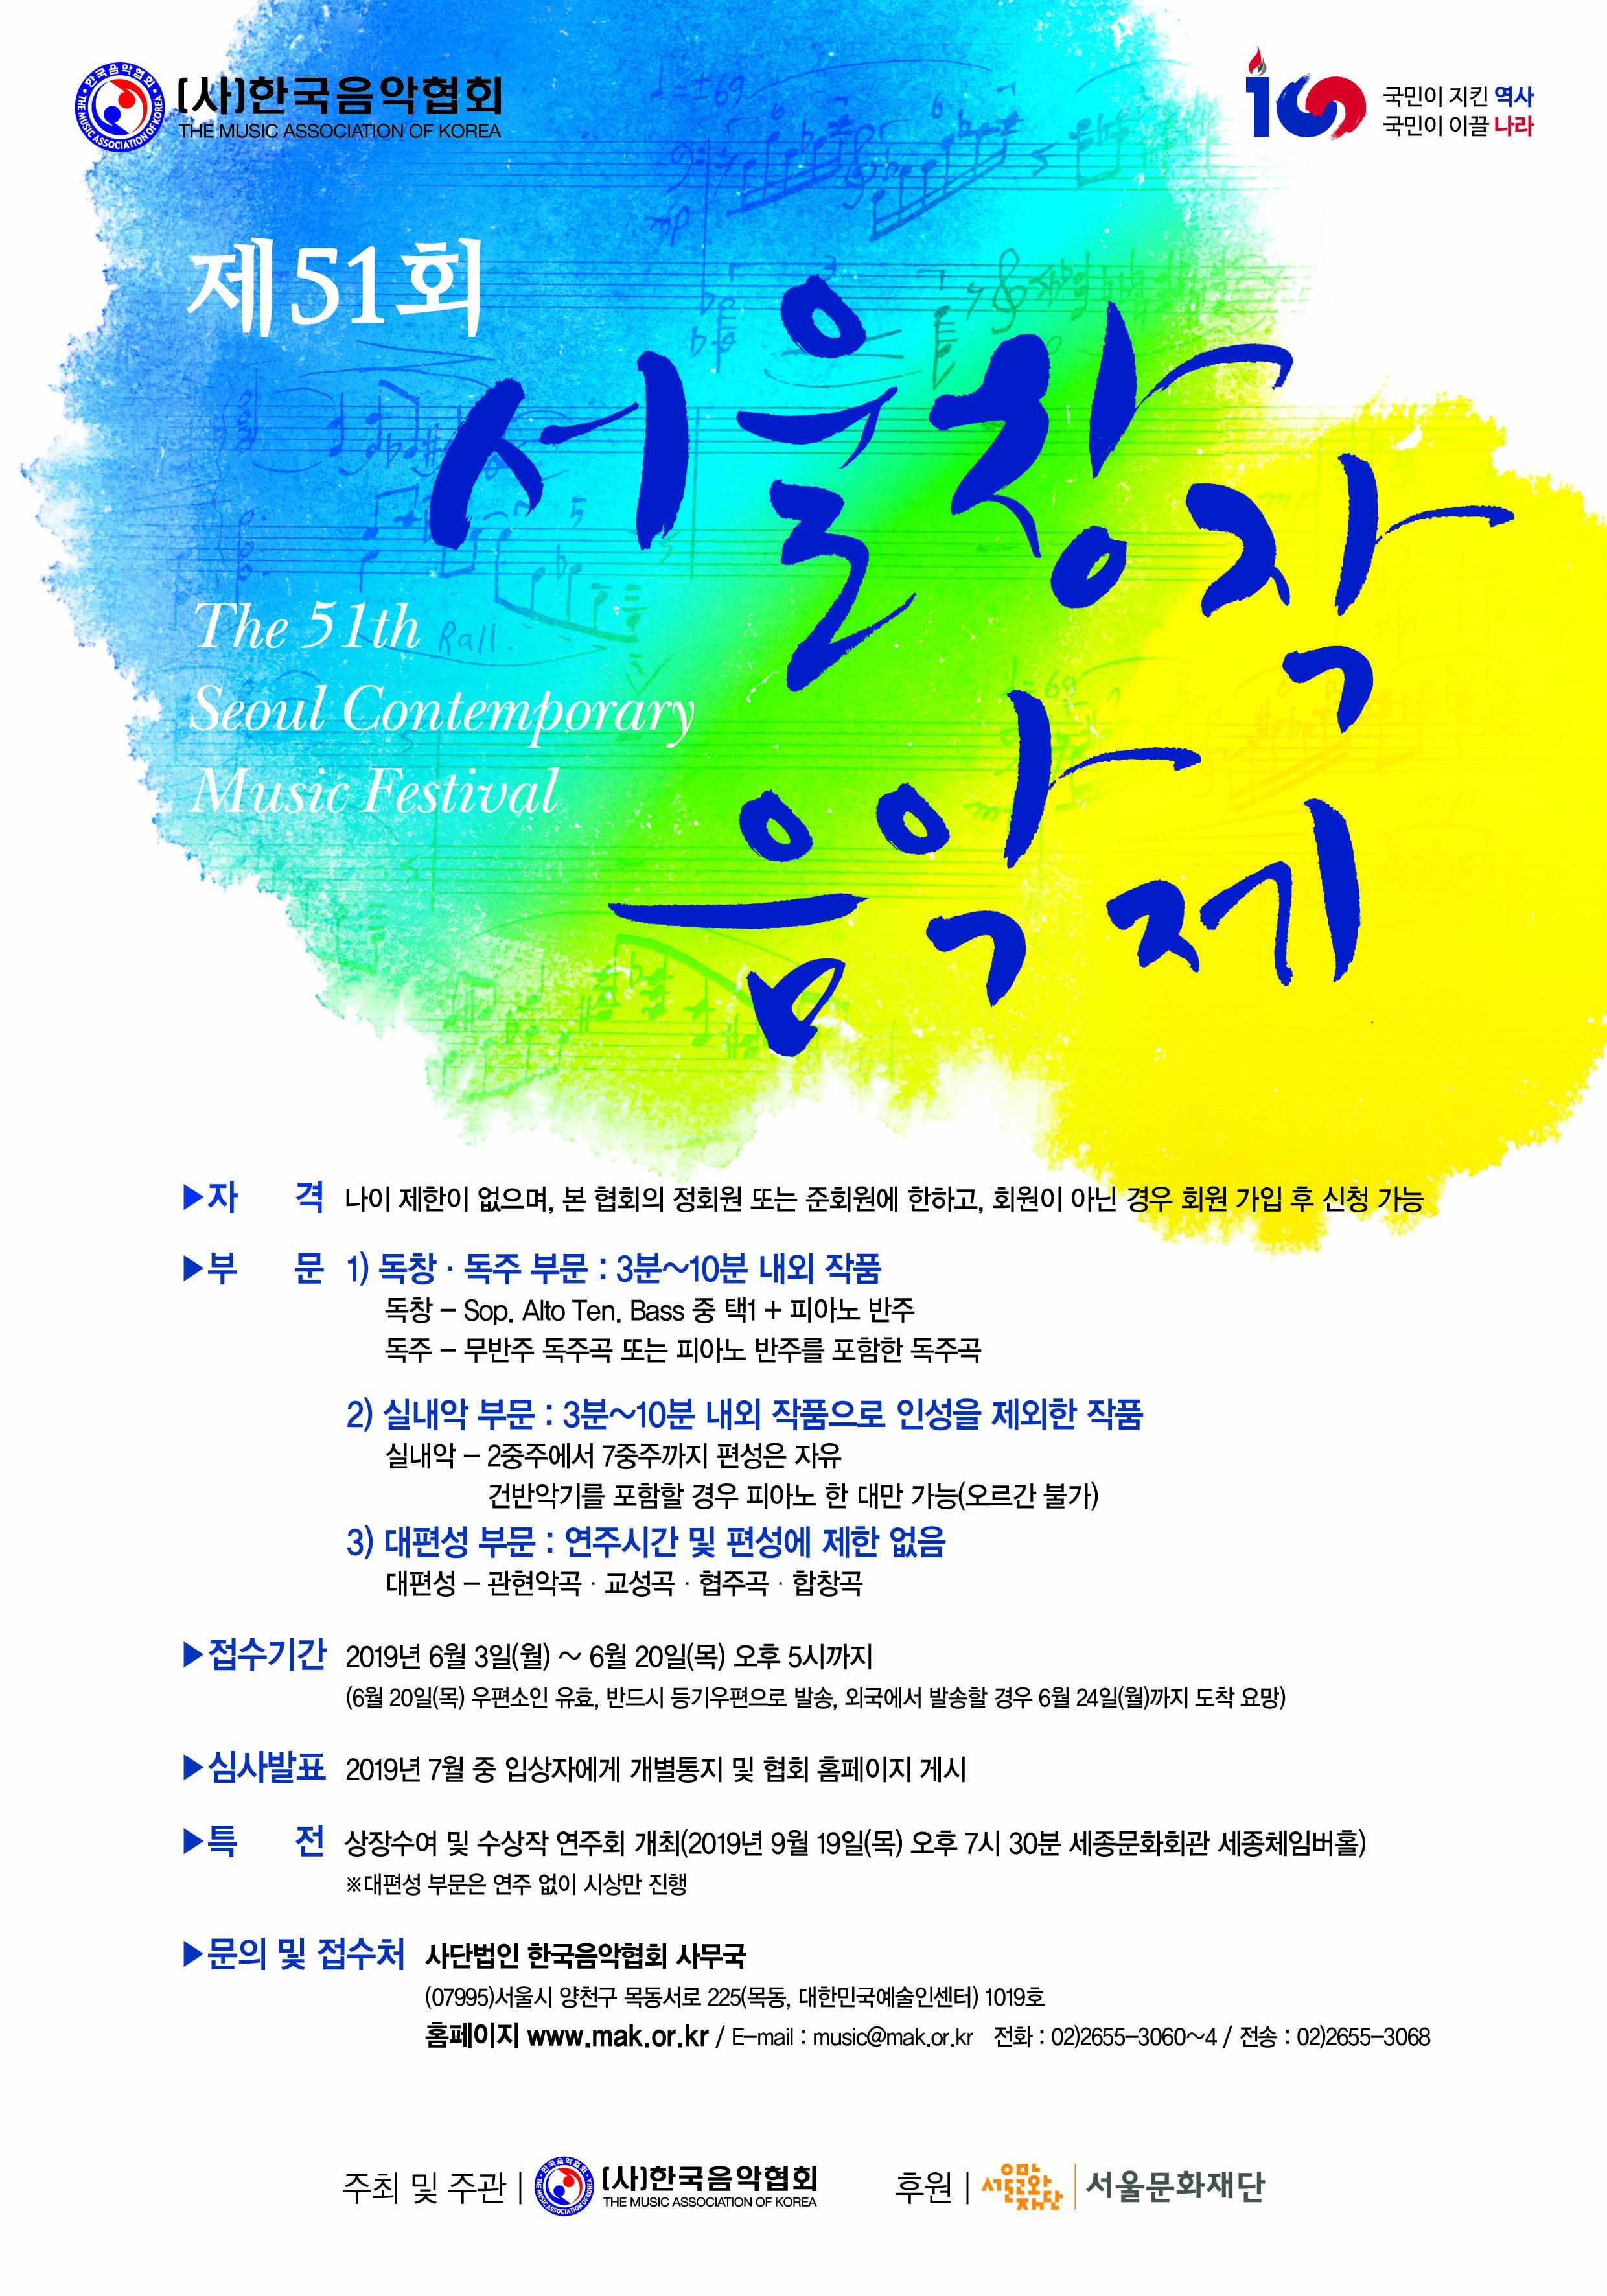 1. 제51회 서울창작음악제 전단 앞면.jpg